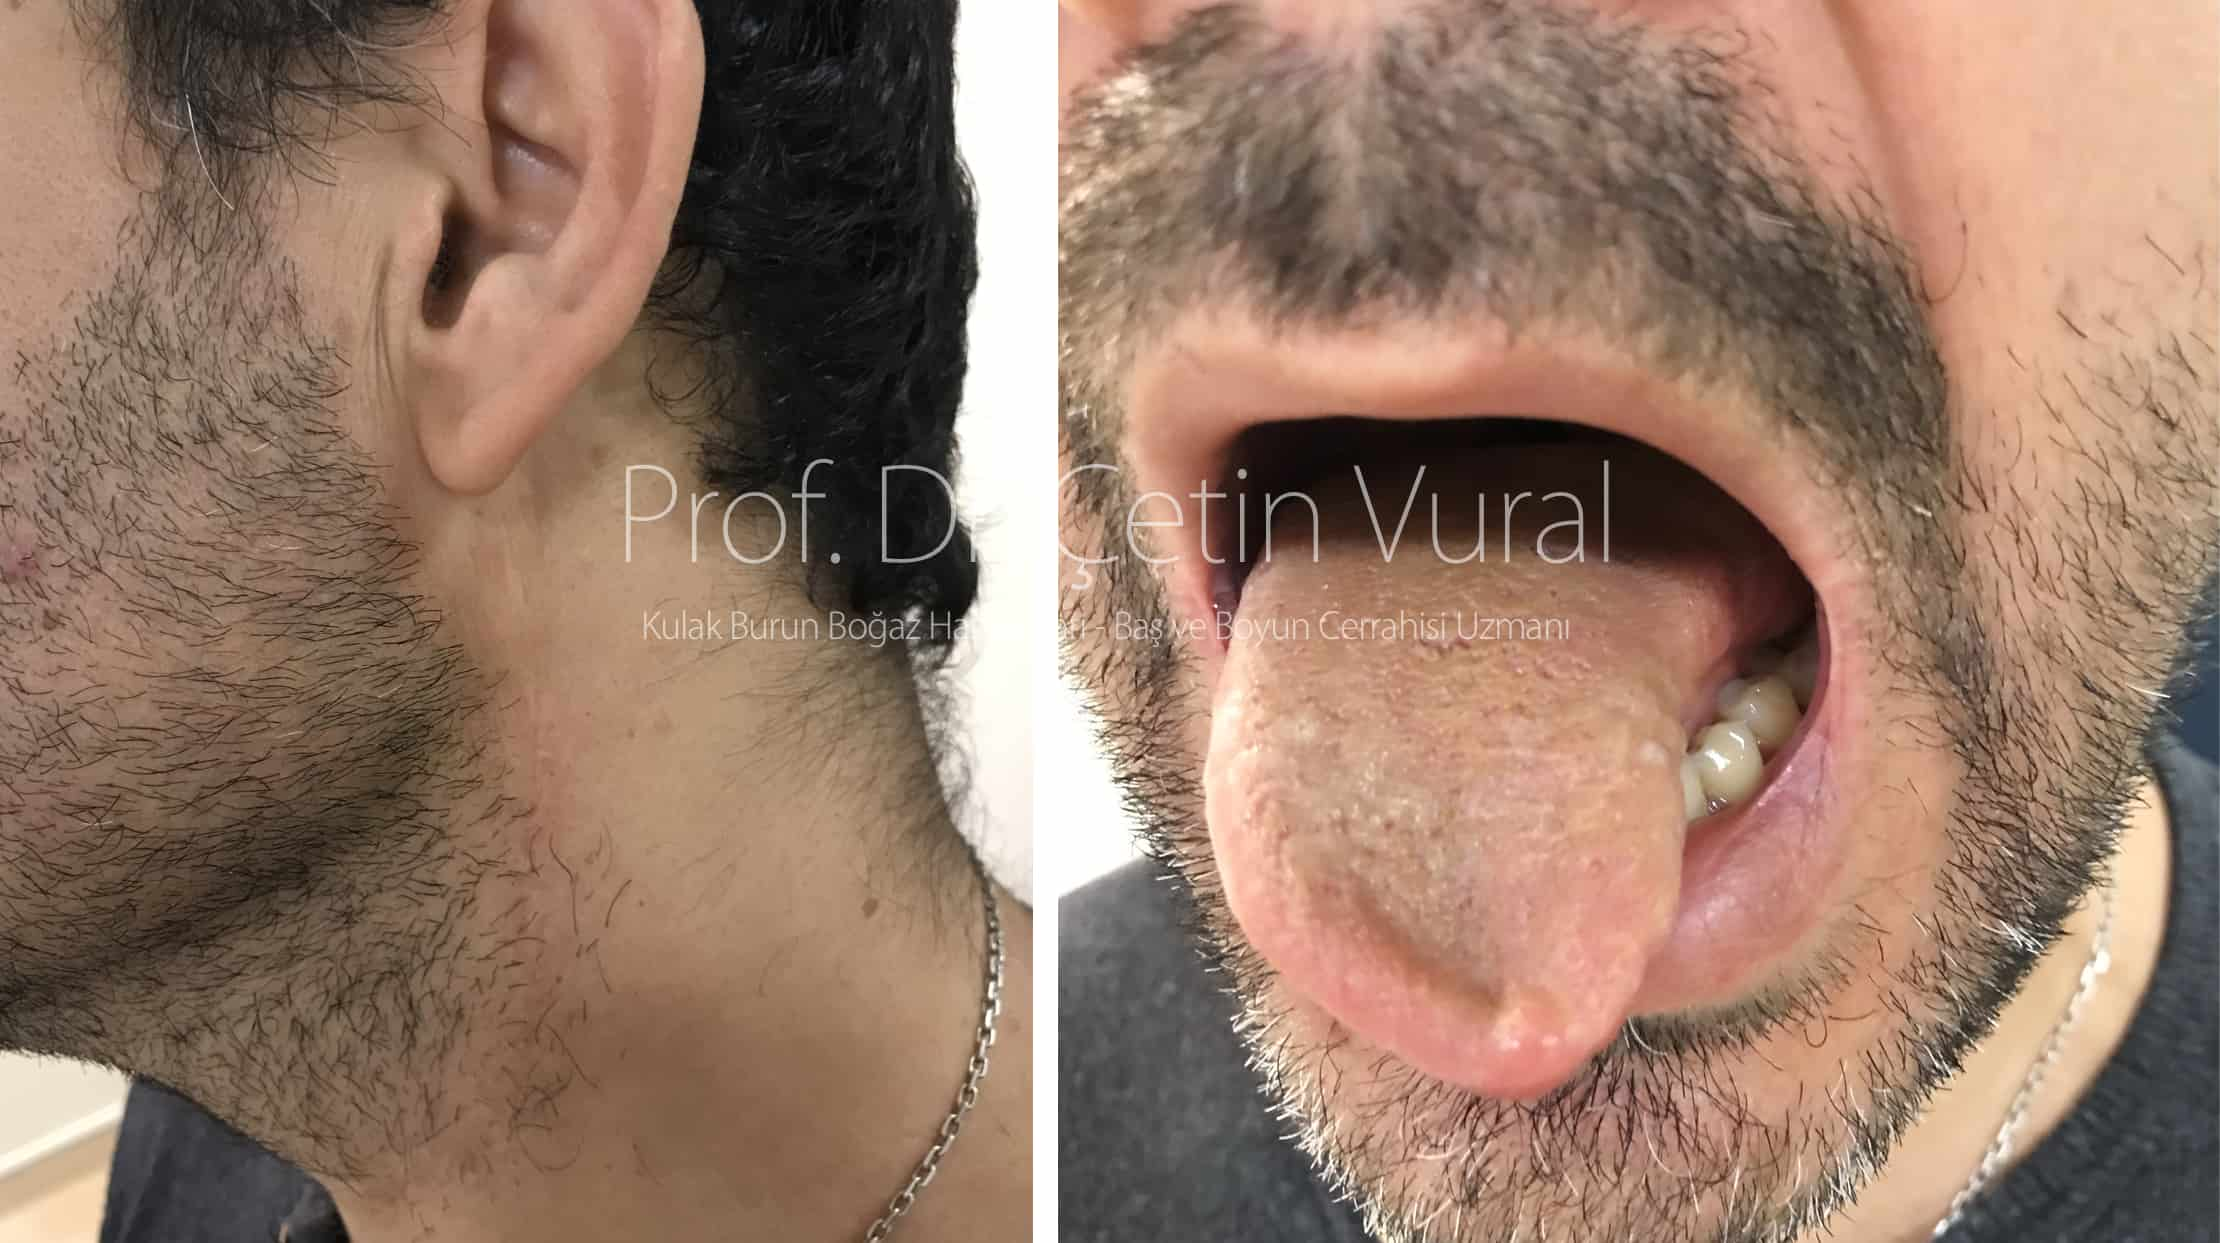 Dil Kanseri Ameliyatı Sonrası - Prof. Dr. Çetin Vural